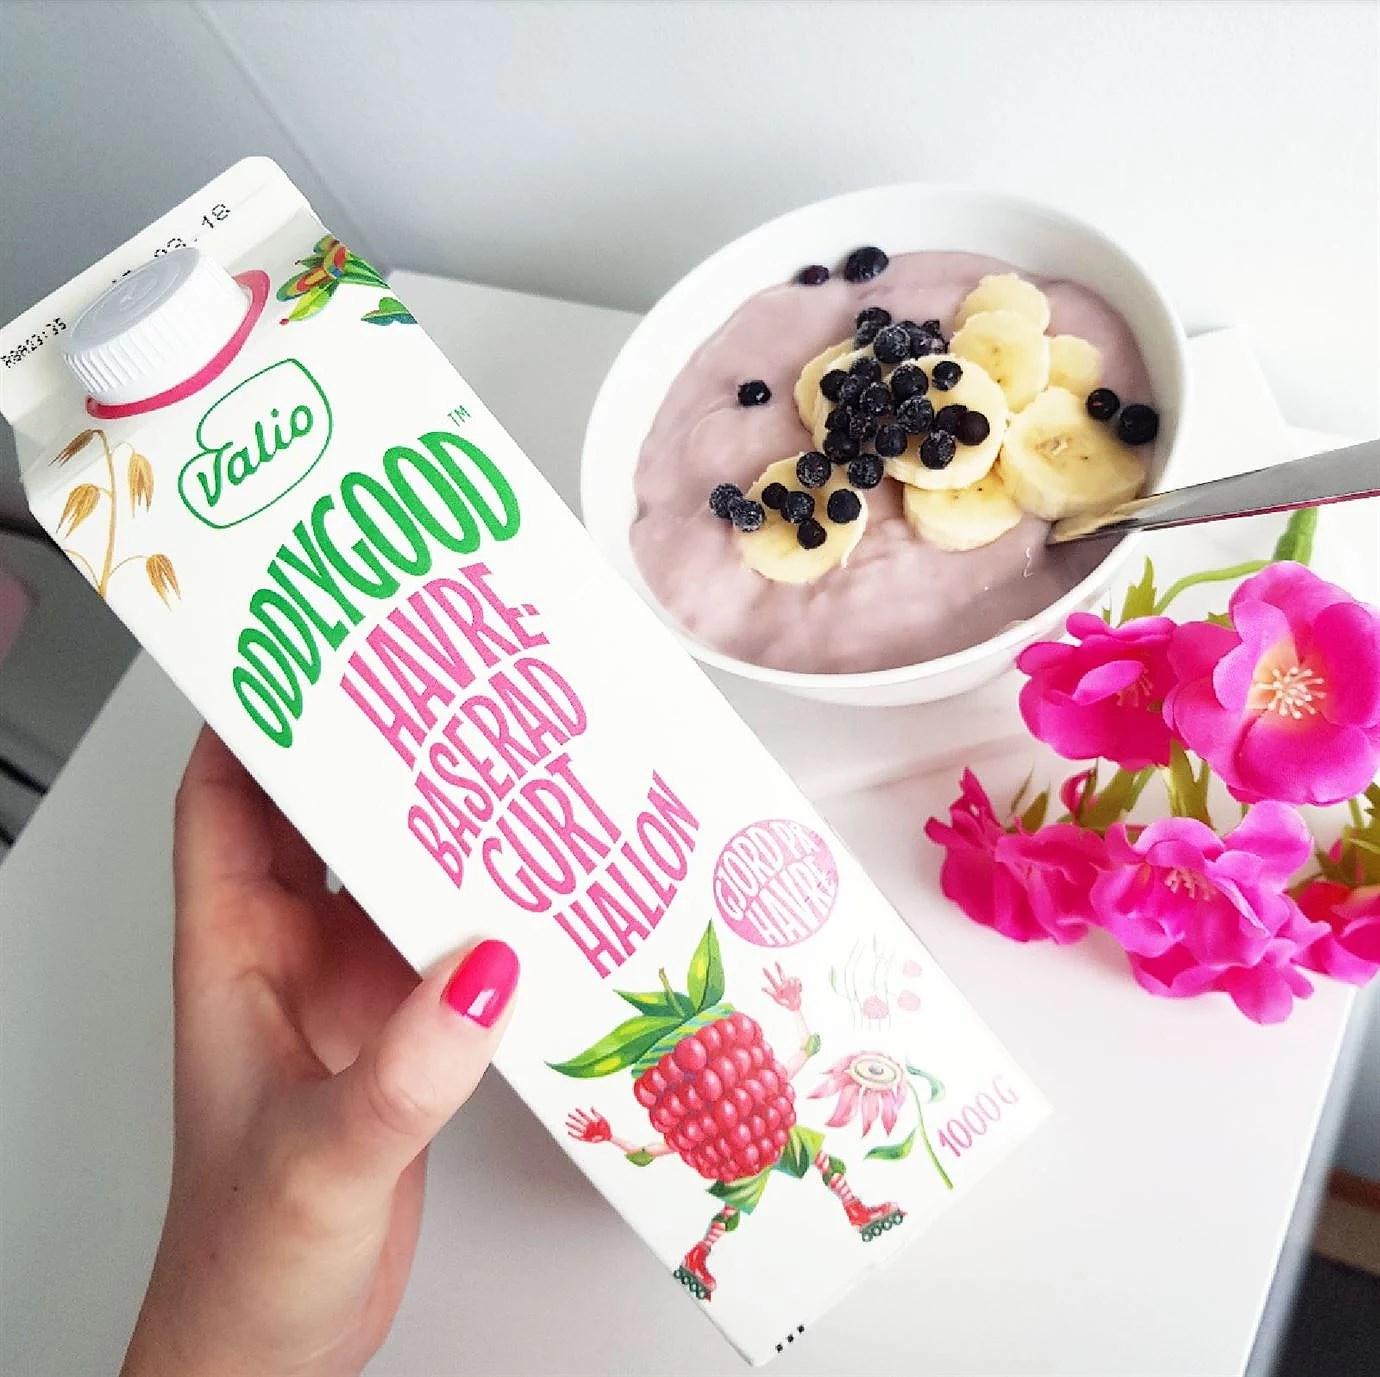 Oddlygood - vegansk nyhet från Valio